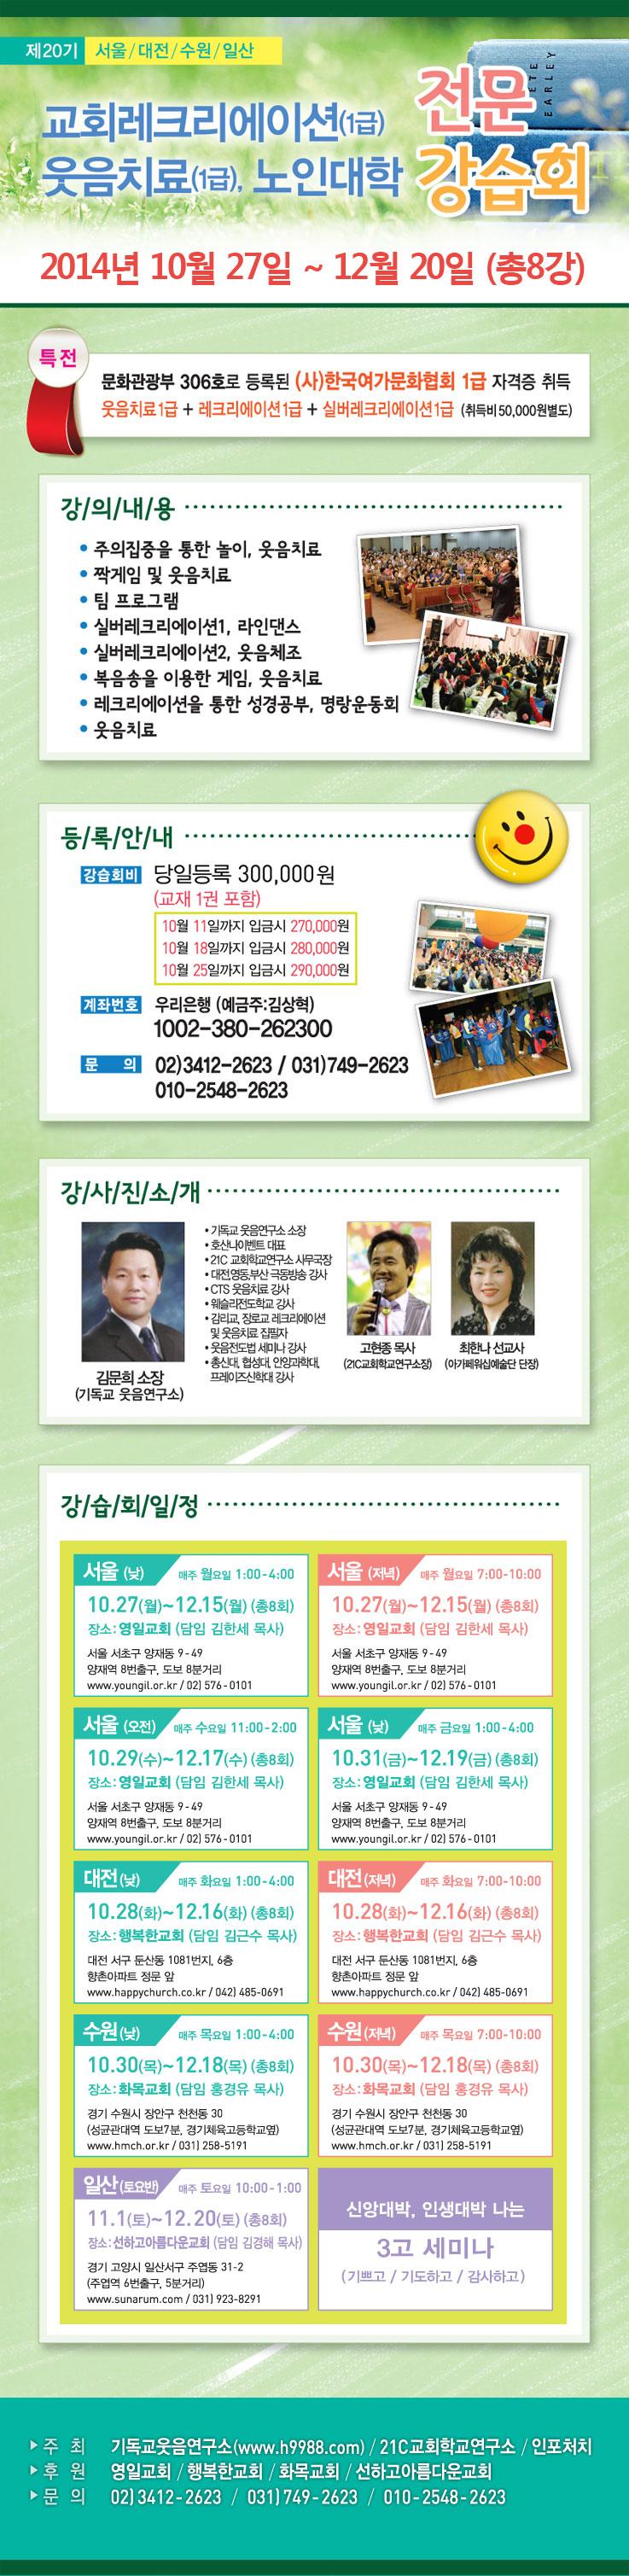 20기강습회_홈페이지용.jpg